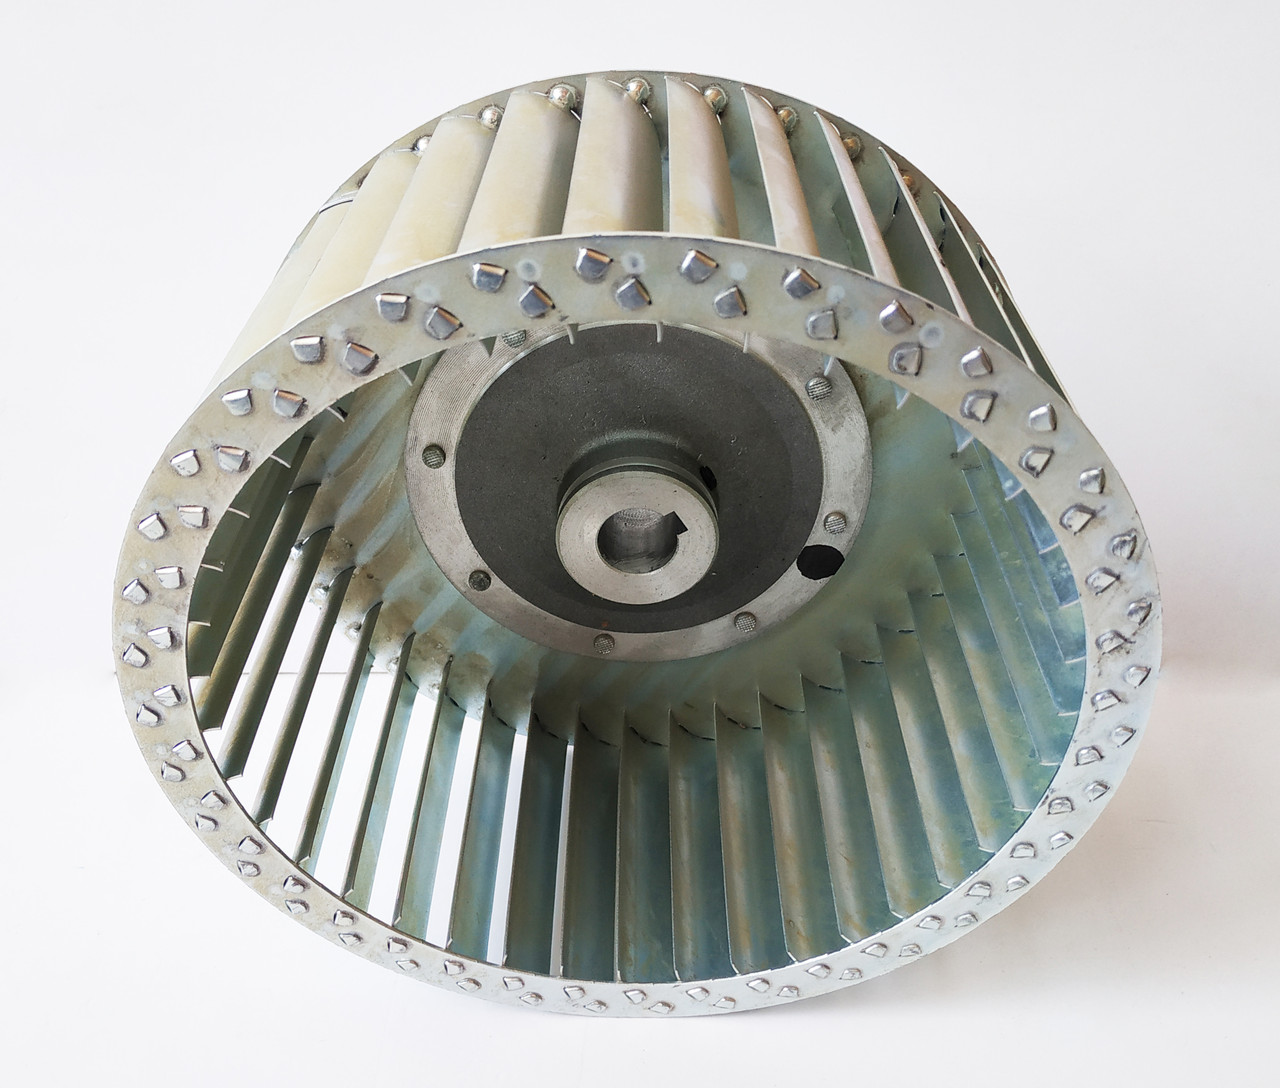 Рабочее колесо воздушного центробежного вентилятора 250х115. Крыльчатка для центробежного вентилятора